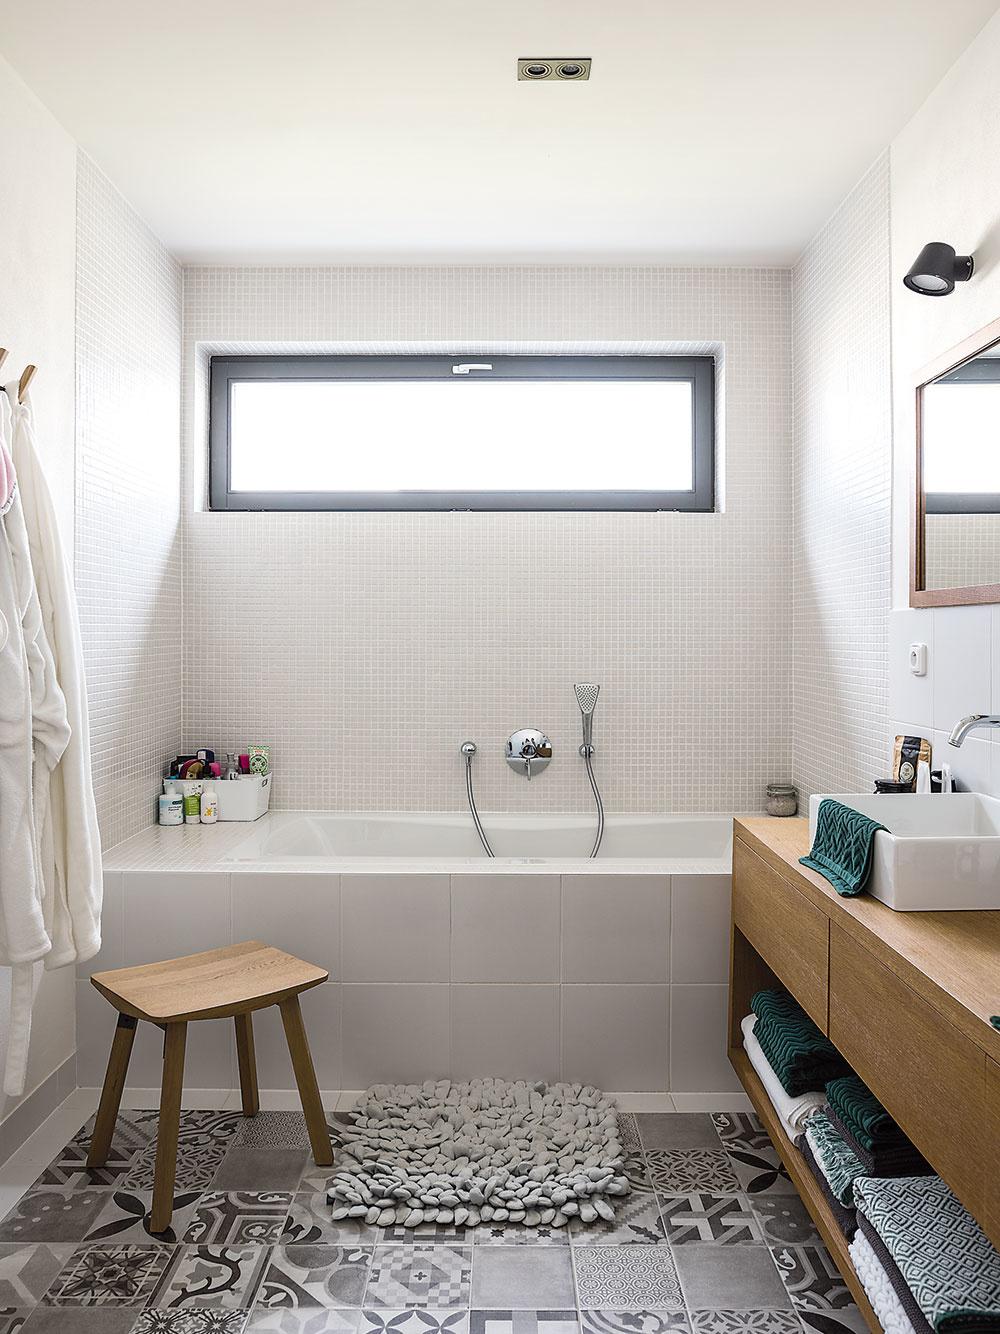 Vďaka širokému oknu je kúpeľňa počas dňa zaliata svetlom.